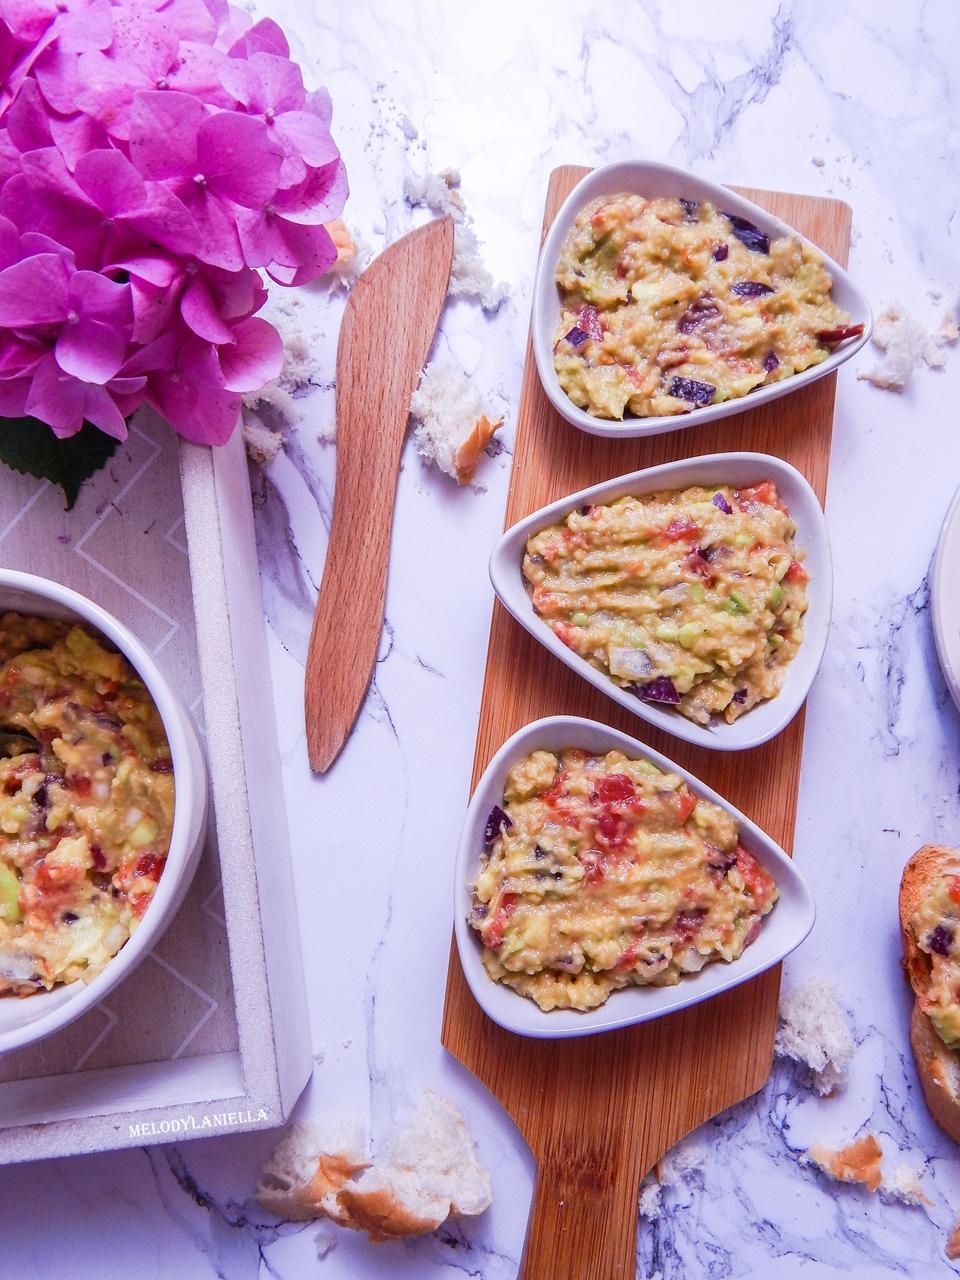 5 guacamole pasta z awokado pomidorami i czerwoną cebulą pasty nakapkowe przepis pomysły gotowanie pesto z awokado pomysły na kolację obiad zdrowe fit dobre tłuszcze pomysł na kanapki na drugie śniadanie-2